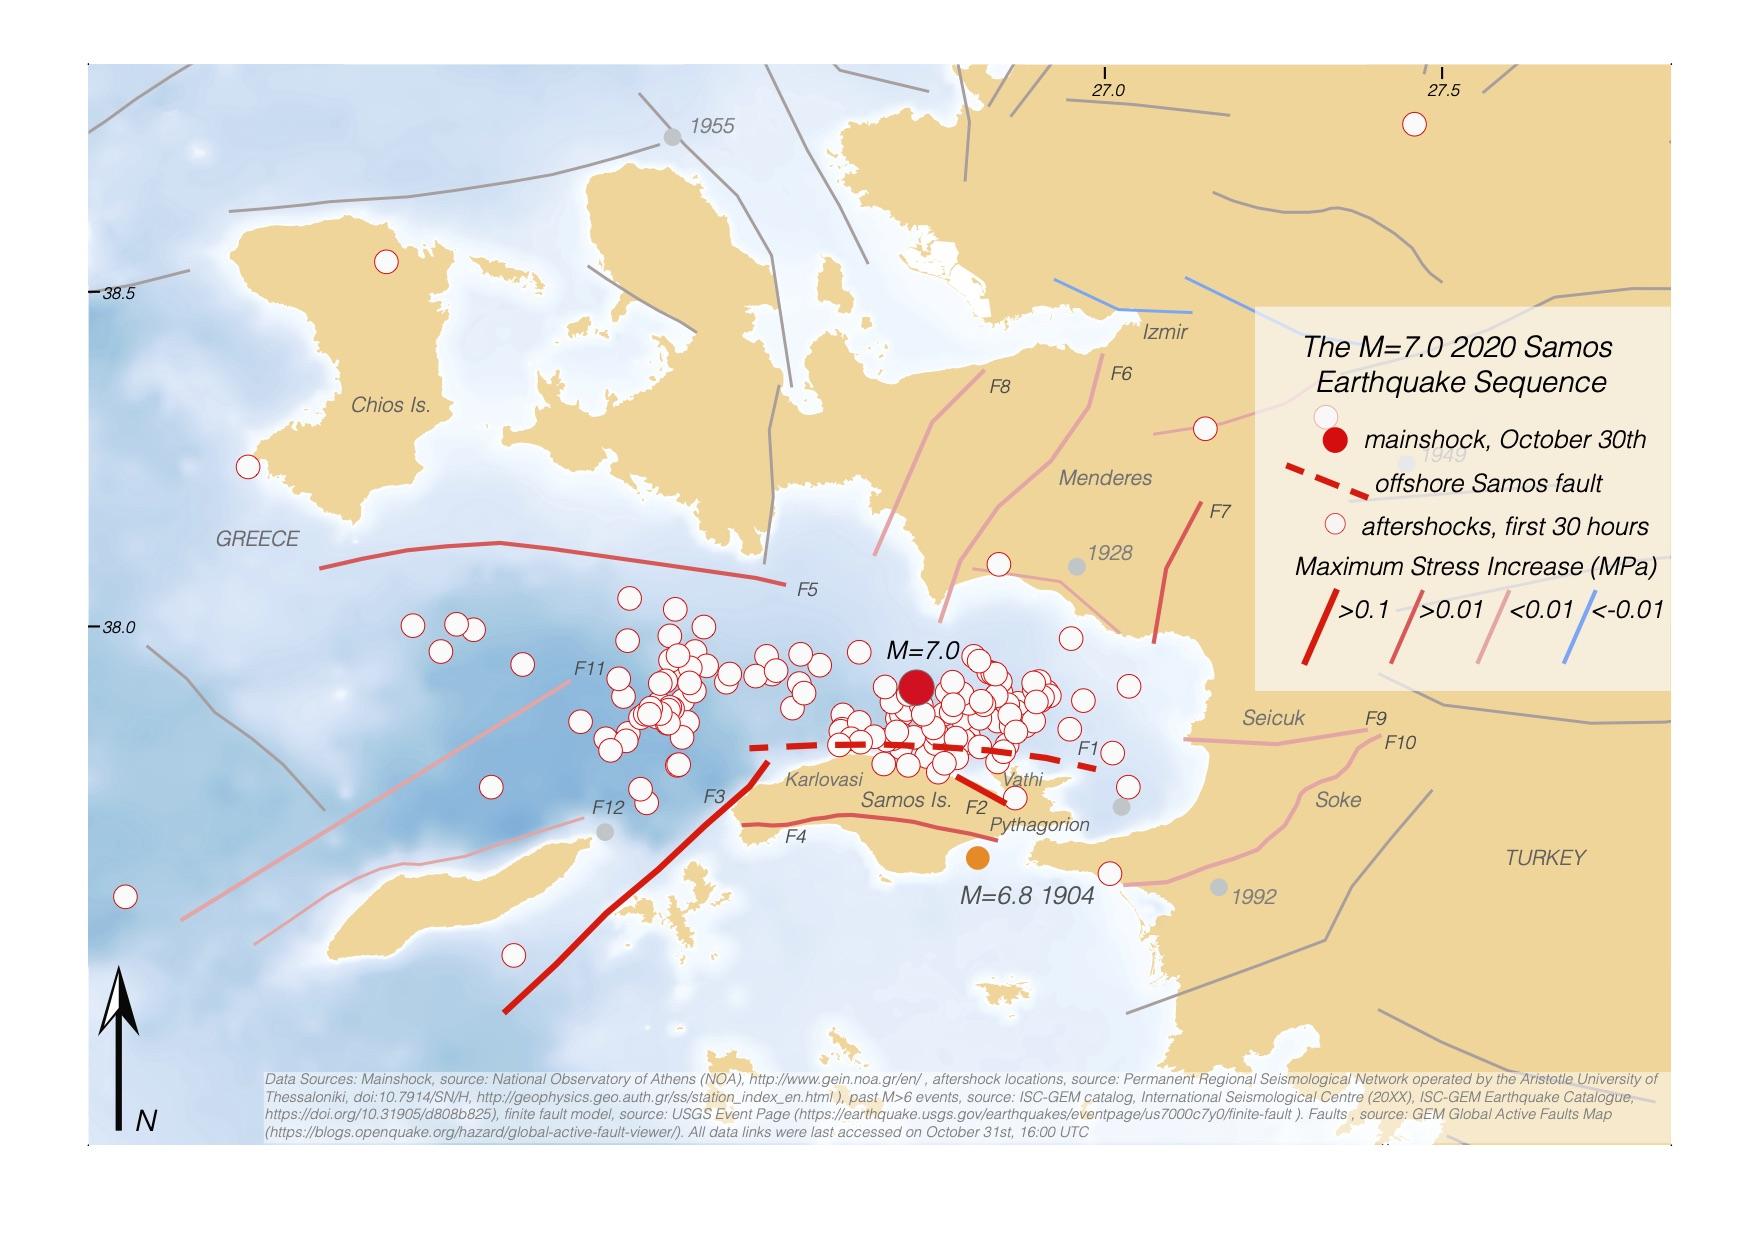 Μετασεισμοί των πρώτων 30 ωρών μετά το σεισμός μεγέθους Μ=7.0. Προηγούμενοι σημαντικοί σεισμοί με μέγεθος μεγαλύτερο του Μ=6.0 εμφανίζονται με γκρι χρώμα. Τα χρώμα των ρηγμάτων εκφράζει τη μέγιστη εκτιμώμενη μεταβολή της τάσης μετά τον κύριο σεισμό. Με ερυθρό χρώμα, τα ρήγματα που έχουν περαιτέρω επιβαρυνθεί ενώ με κυανό εμφανίζονται όσα έχουν ελάχιστα αποφορτιστεί.